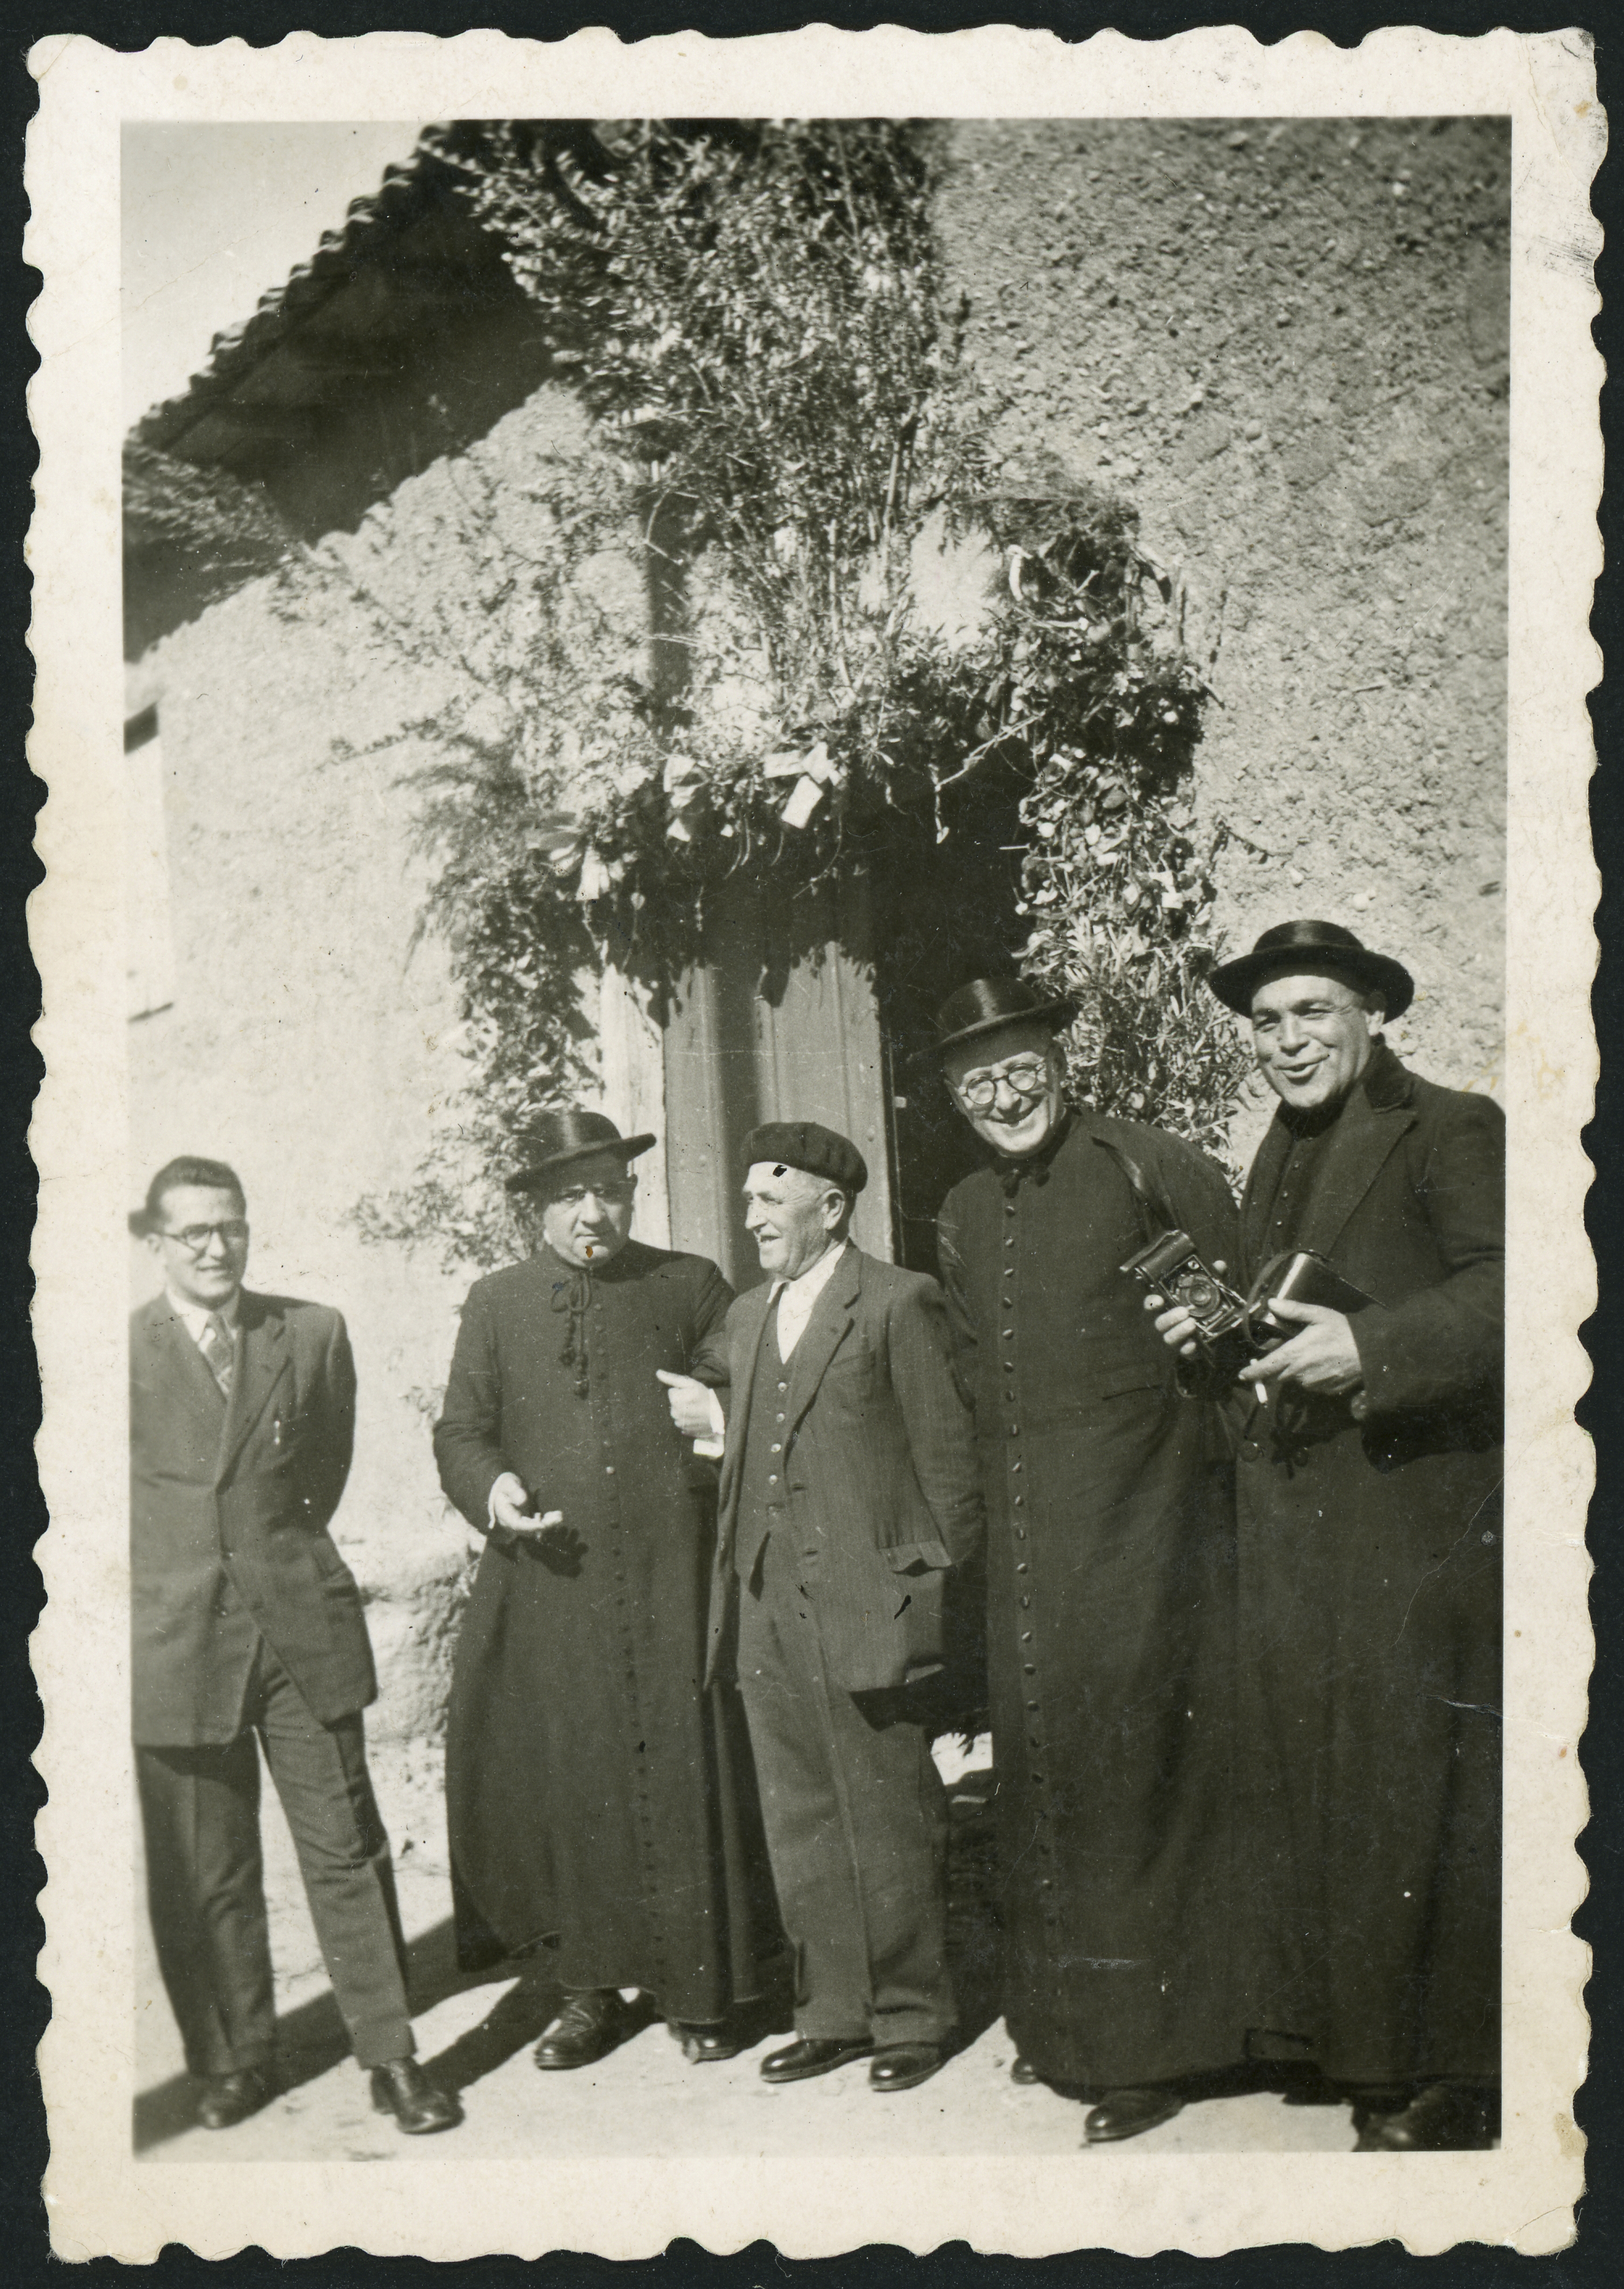 Don Anselmo con una cámara de fotos junto a otros sacerdotes en la puerta de la casa rectoral en Cerezales del Condado